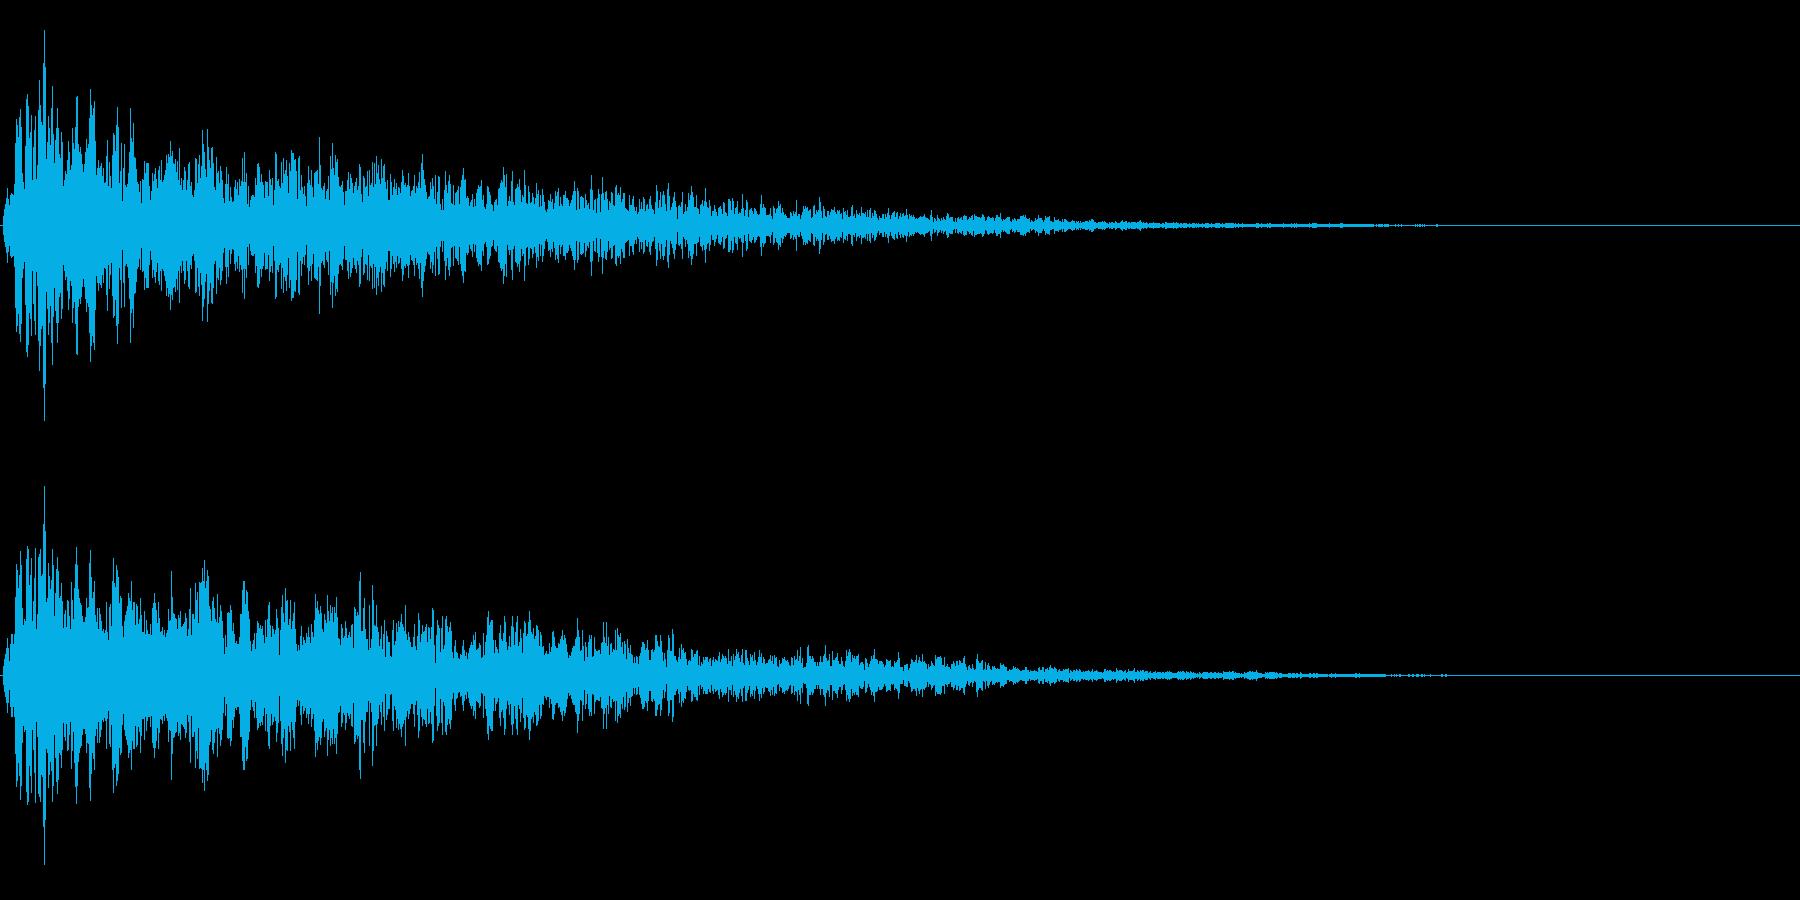 ゴージャスなキャンセル音の再生済みの波形